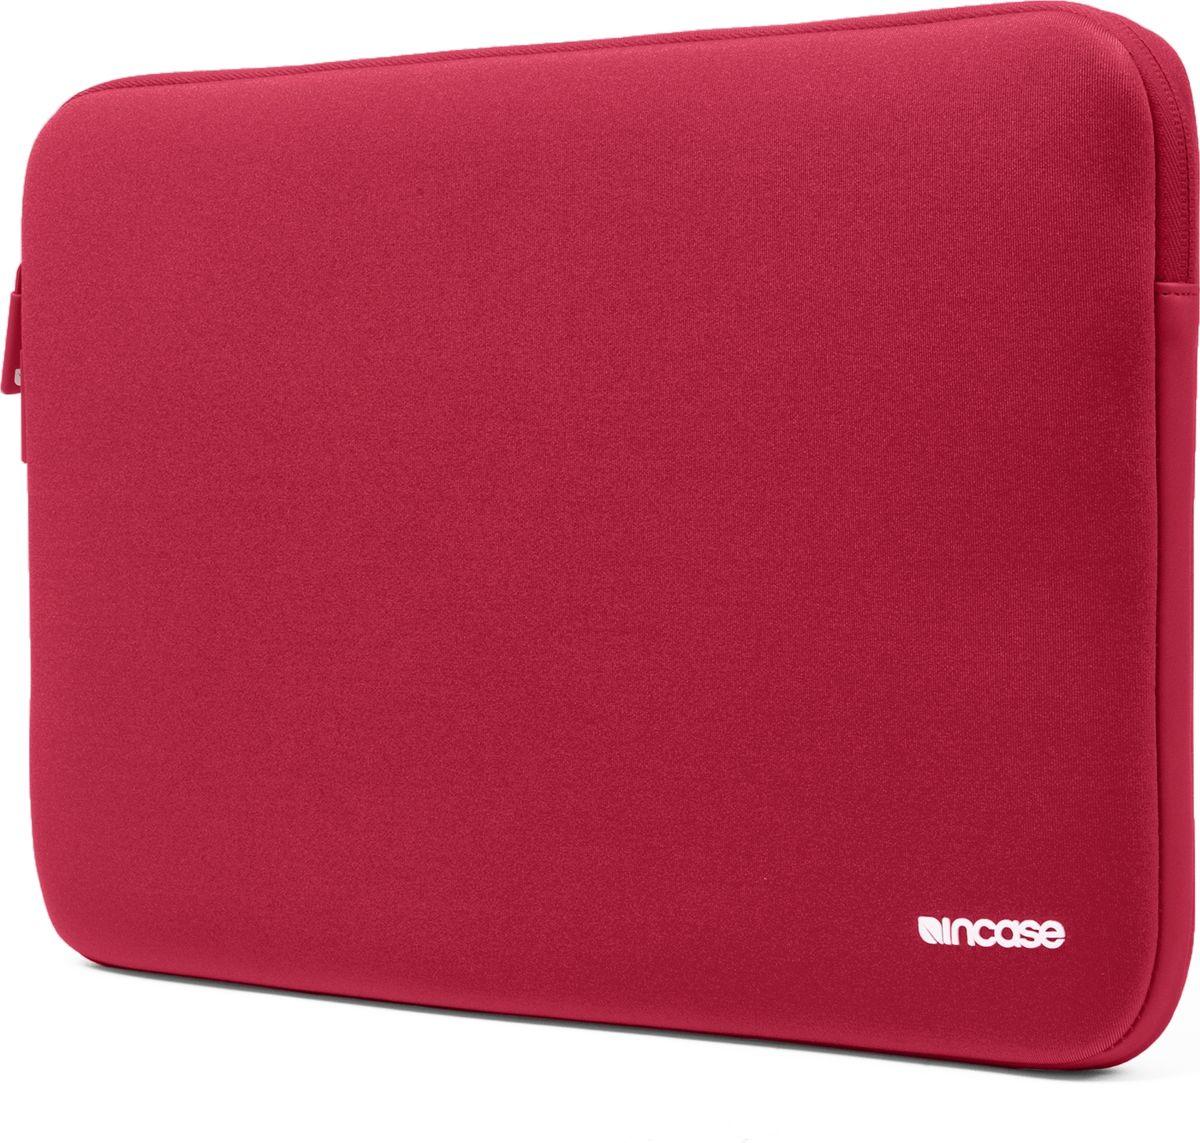 Incase Neoprene Classic Sleeve чехол для Apple MacBook Pro 15, Racing RedCL60633Тонкий чехол Incase Neoprene Classic Sleeve для Apple MacBook Pro 15 выполнен из неопрена в элегантном строгом дизайне. Чехол надежно защищает устройство от царапин, не пропускает влагу и оснащен мягкой подкладкой, а также удобной застежкой-молнией.